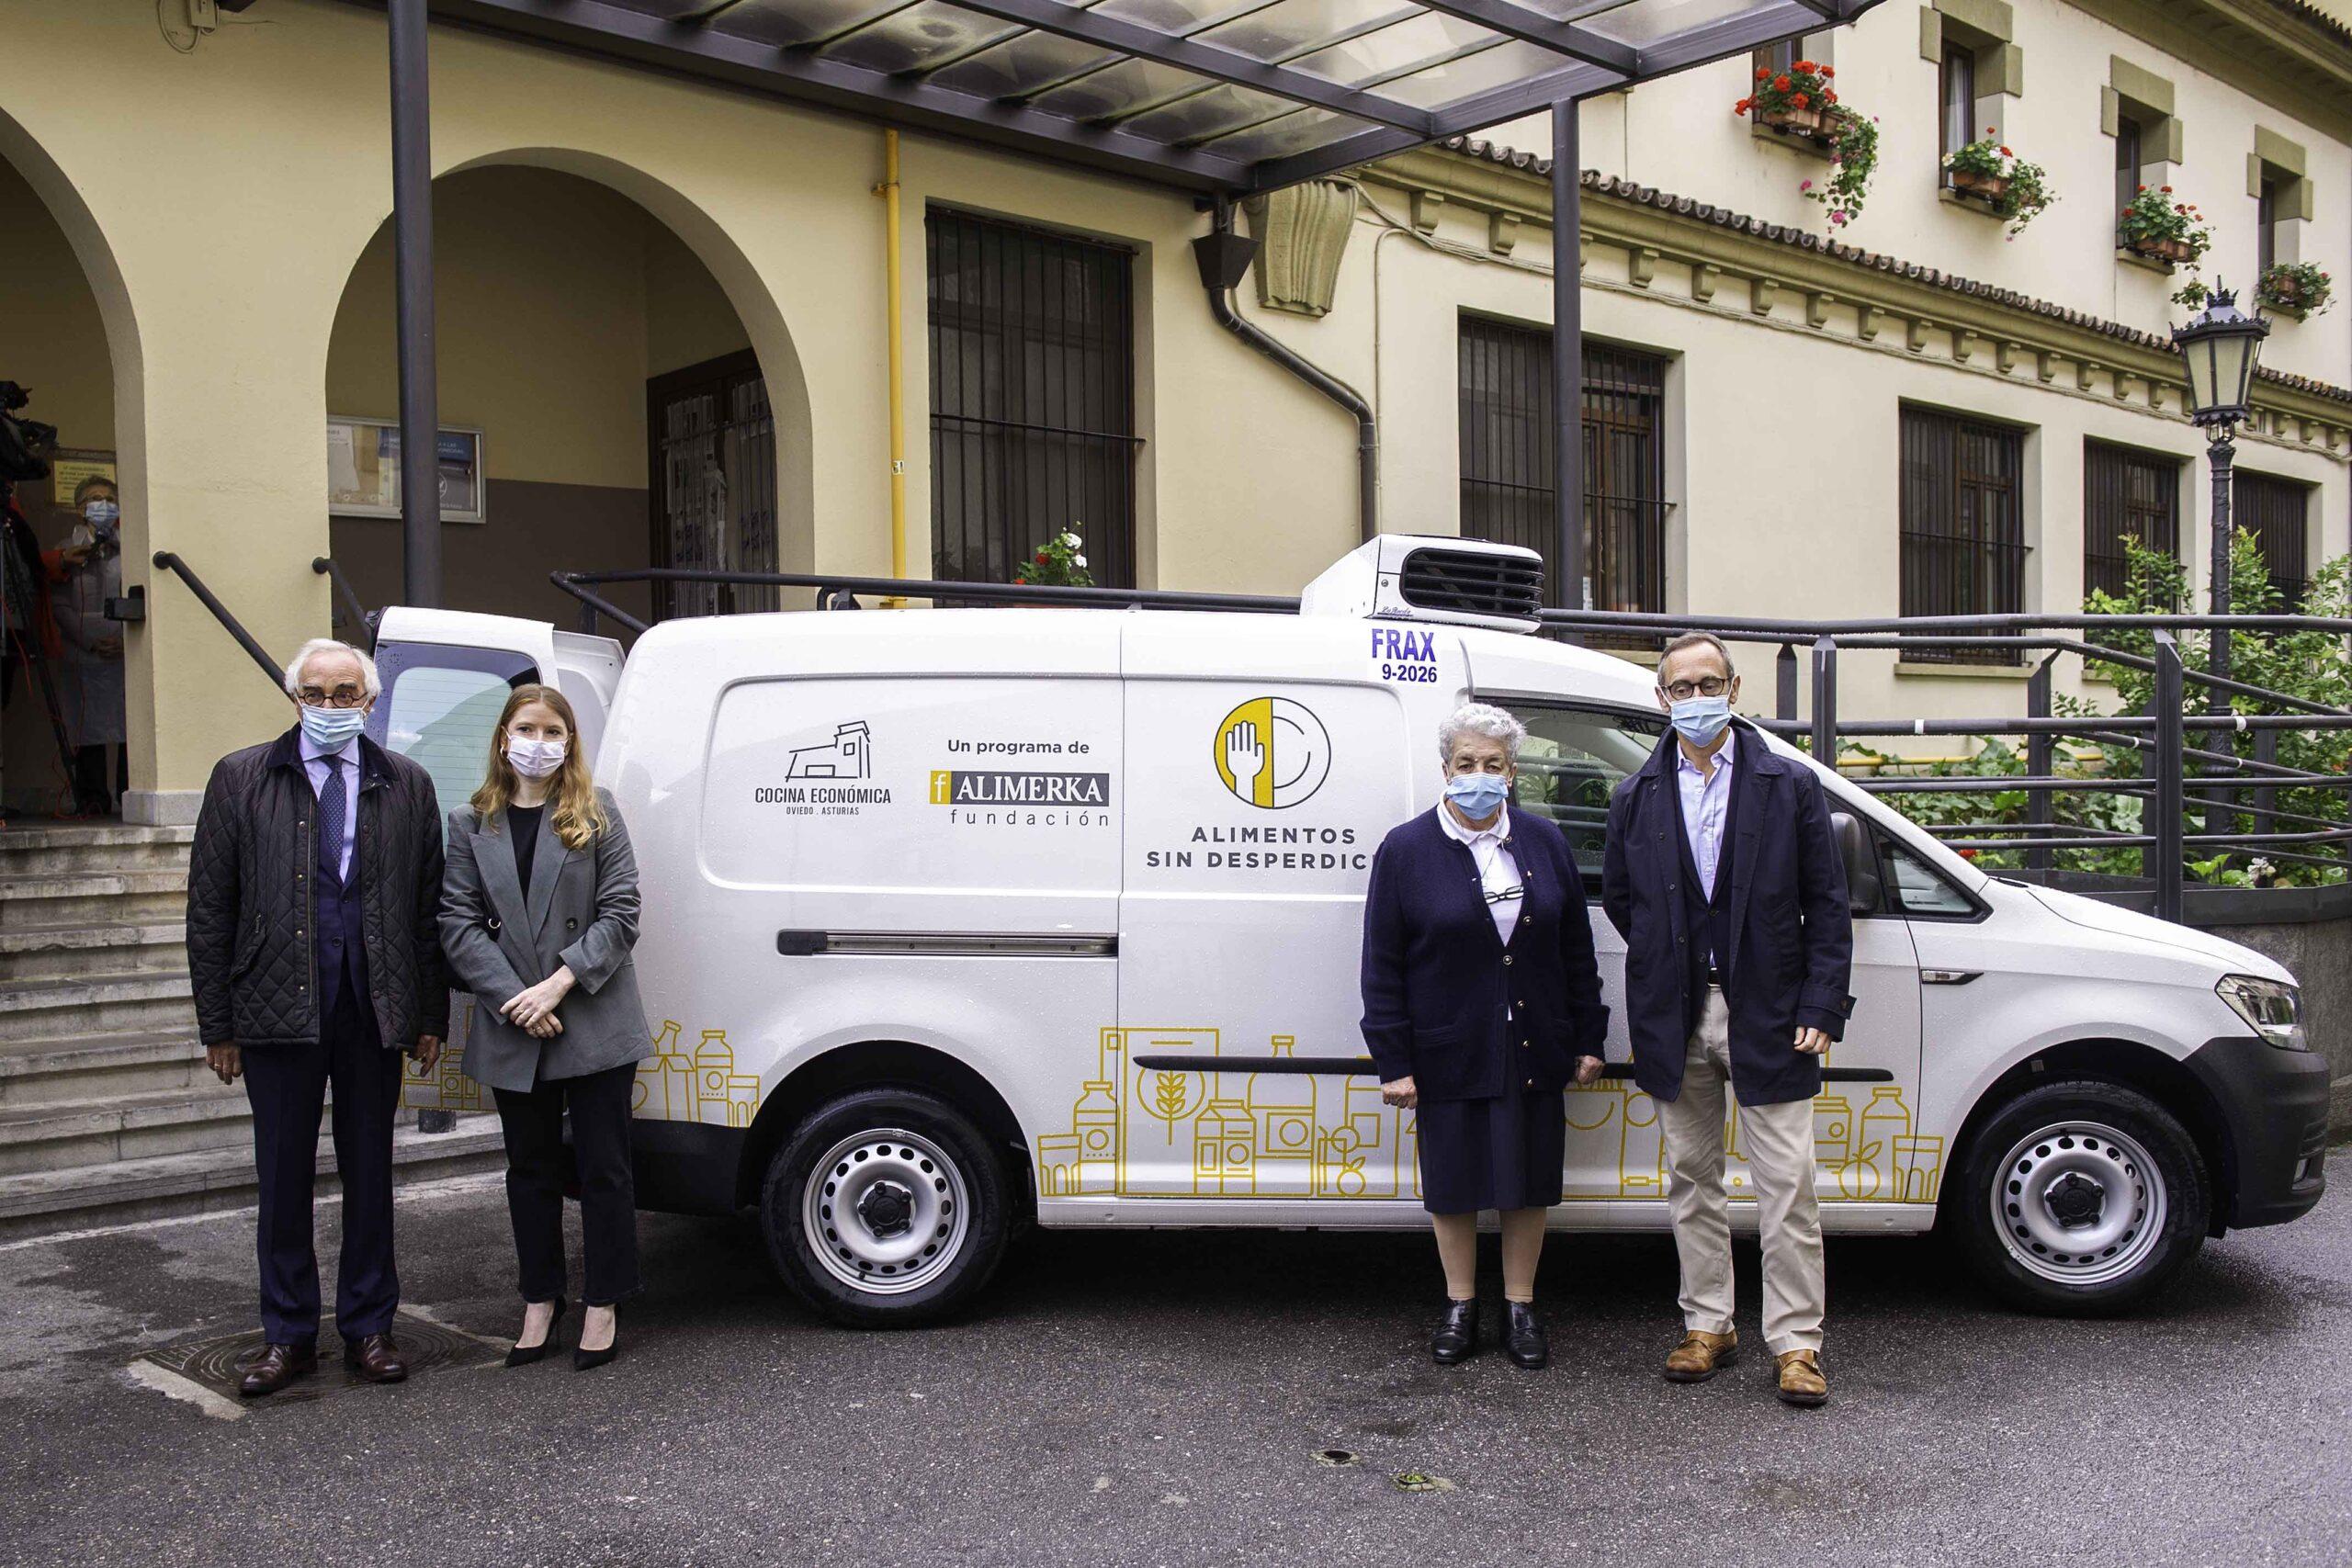 Fundación Alimerka dona una furgoneta sostenible a la Cocina Económica